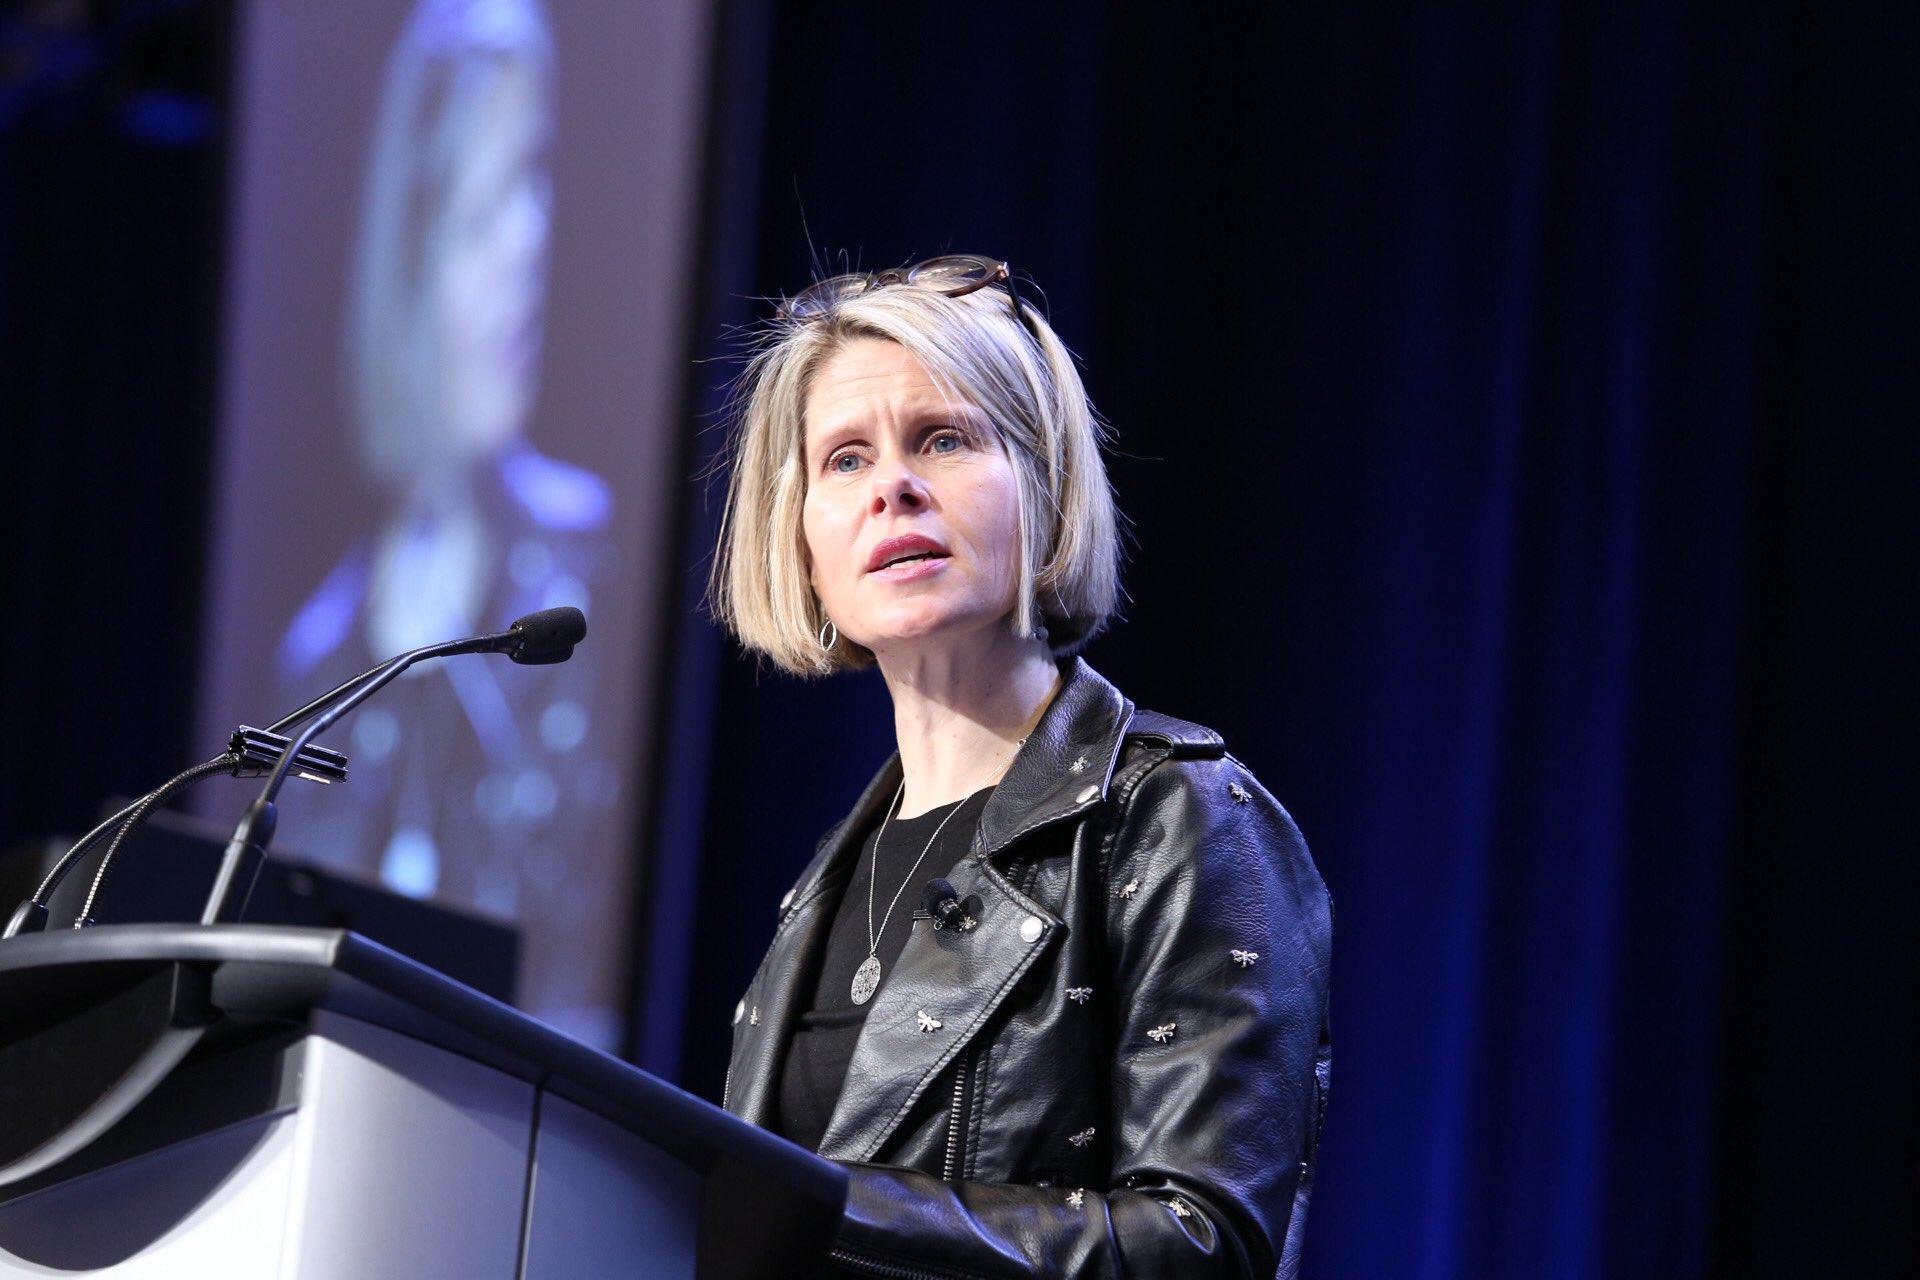 Tanya van Biesen speaking at the conference